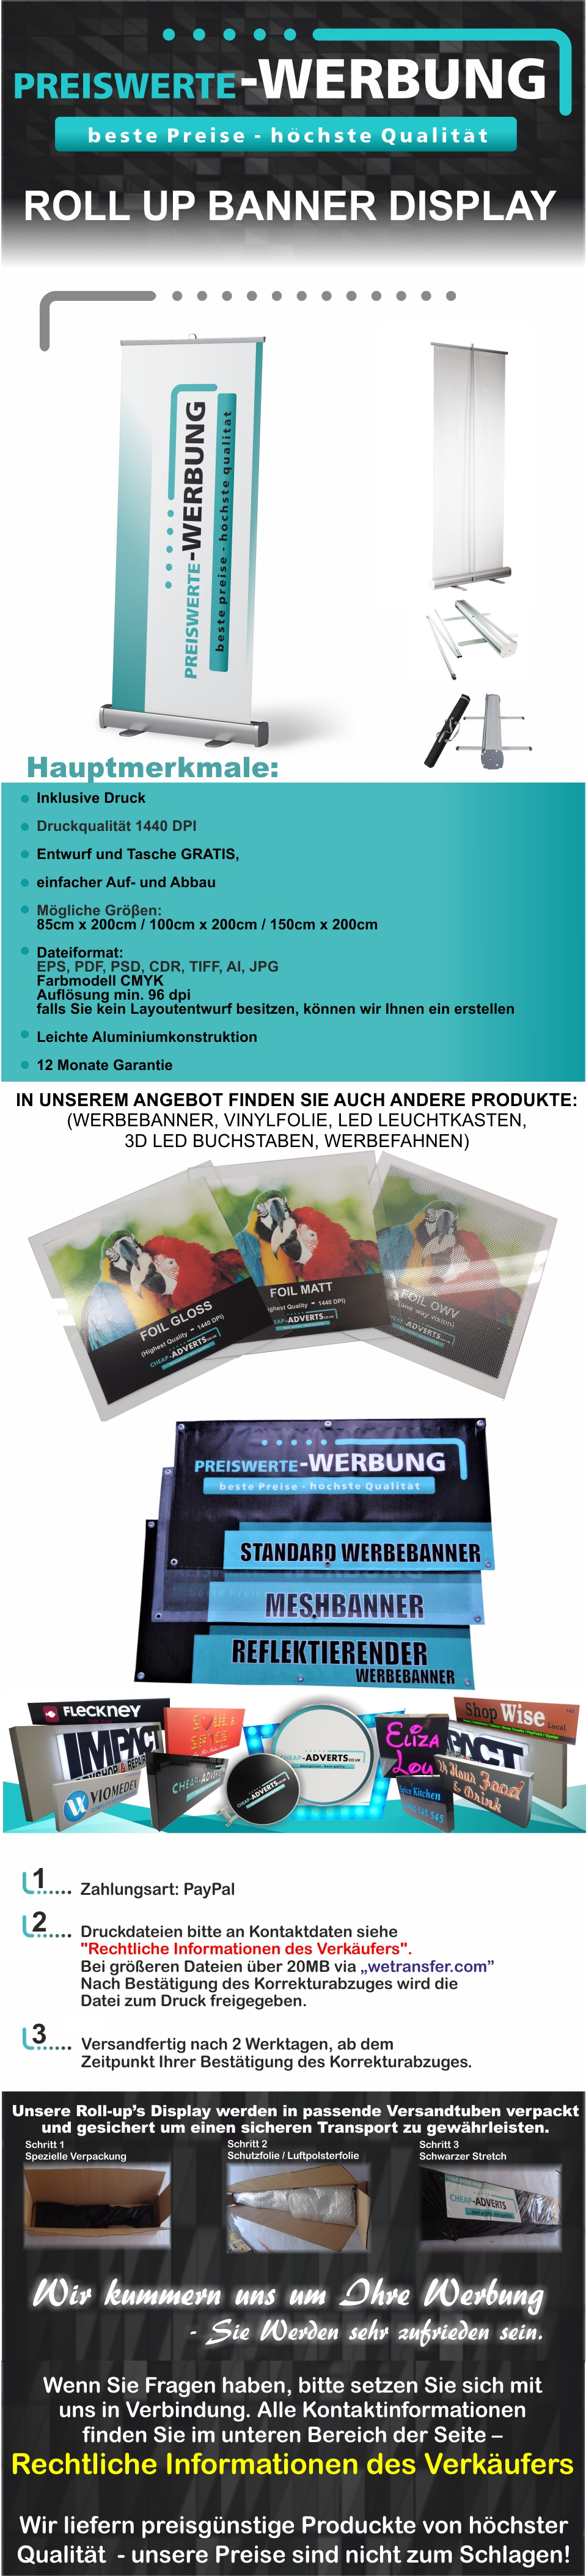 1000 Ösen V2a 10mm Nach Din 7332 F Federschlagpresse Ösenpresse Werbebanner Festsetzung Der Preise Nach ProduktqualitäT